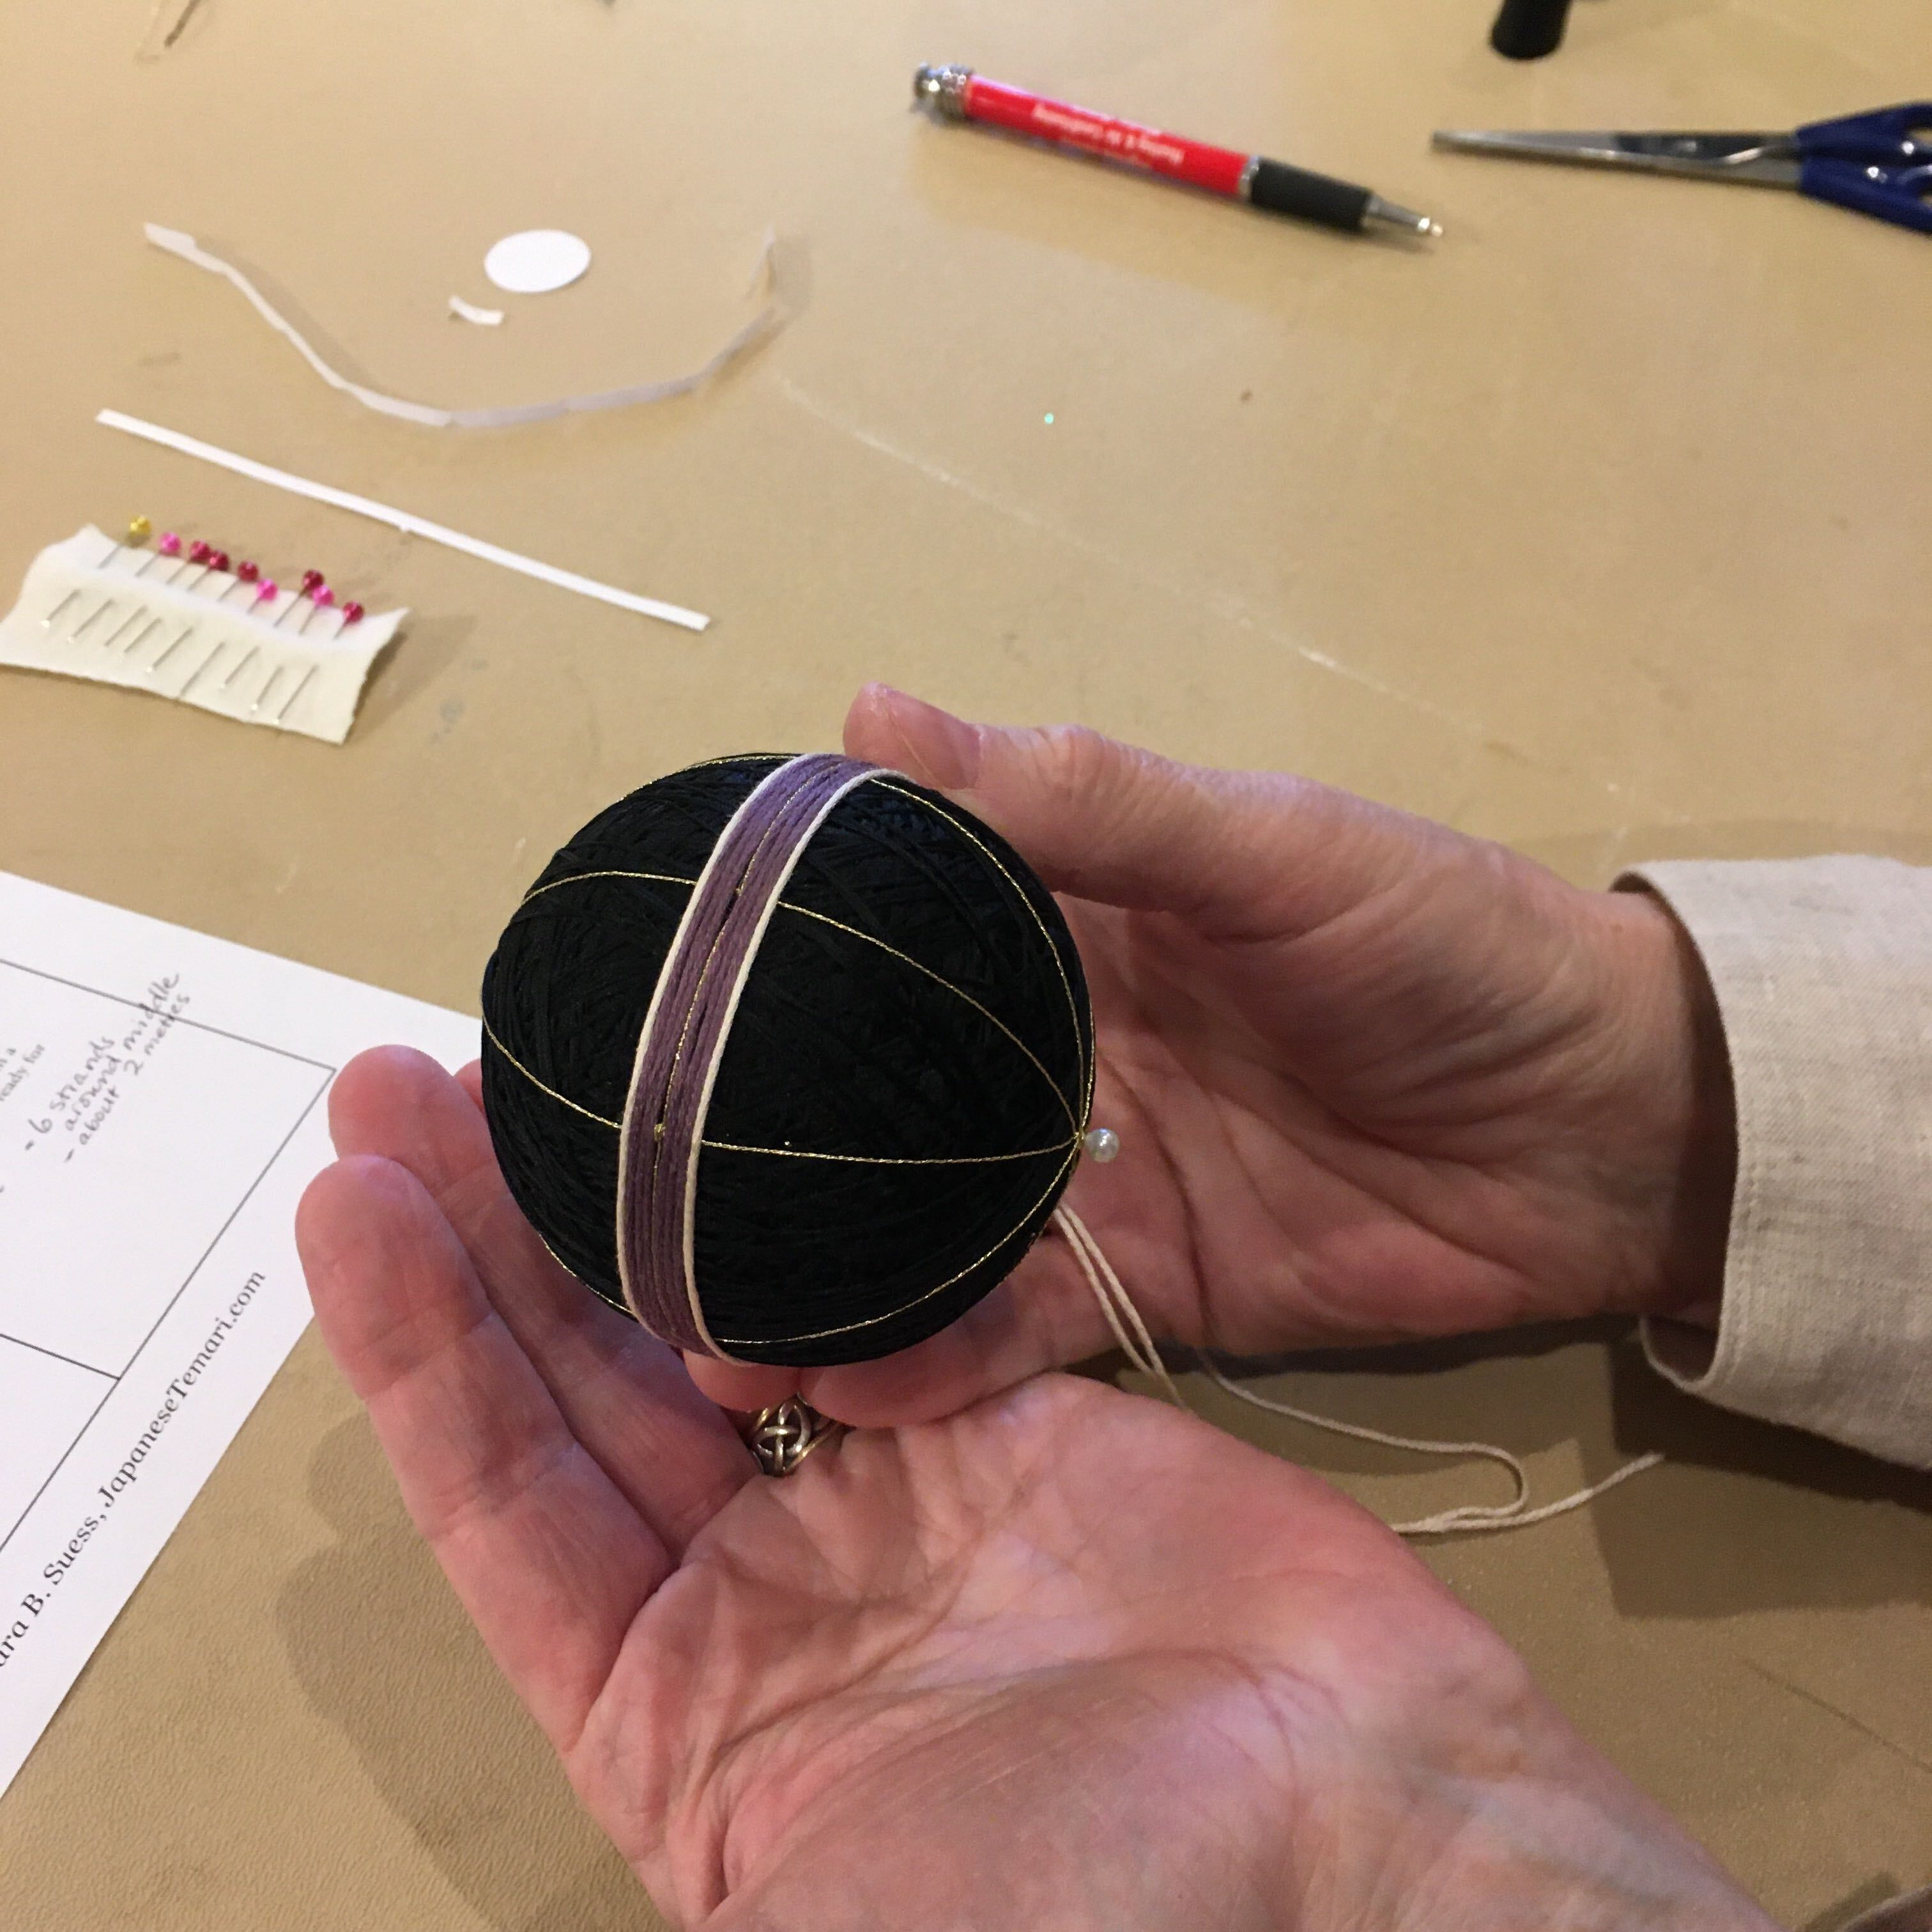 hand holding temari ball